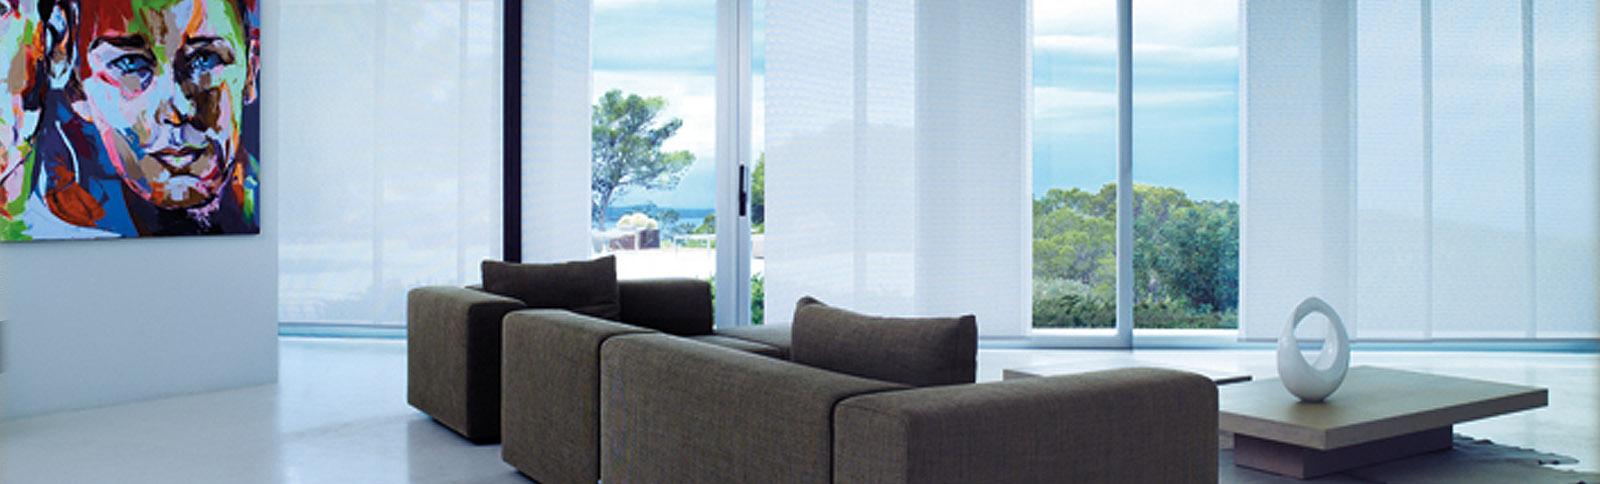 fl chengardinen g nstig online erwerben hier erfahren sie wie. Black Bedroom Furniture Sets. Home Design Ideas